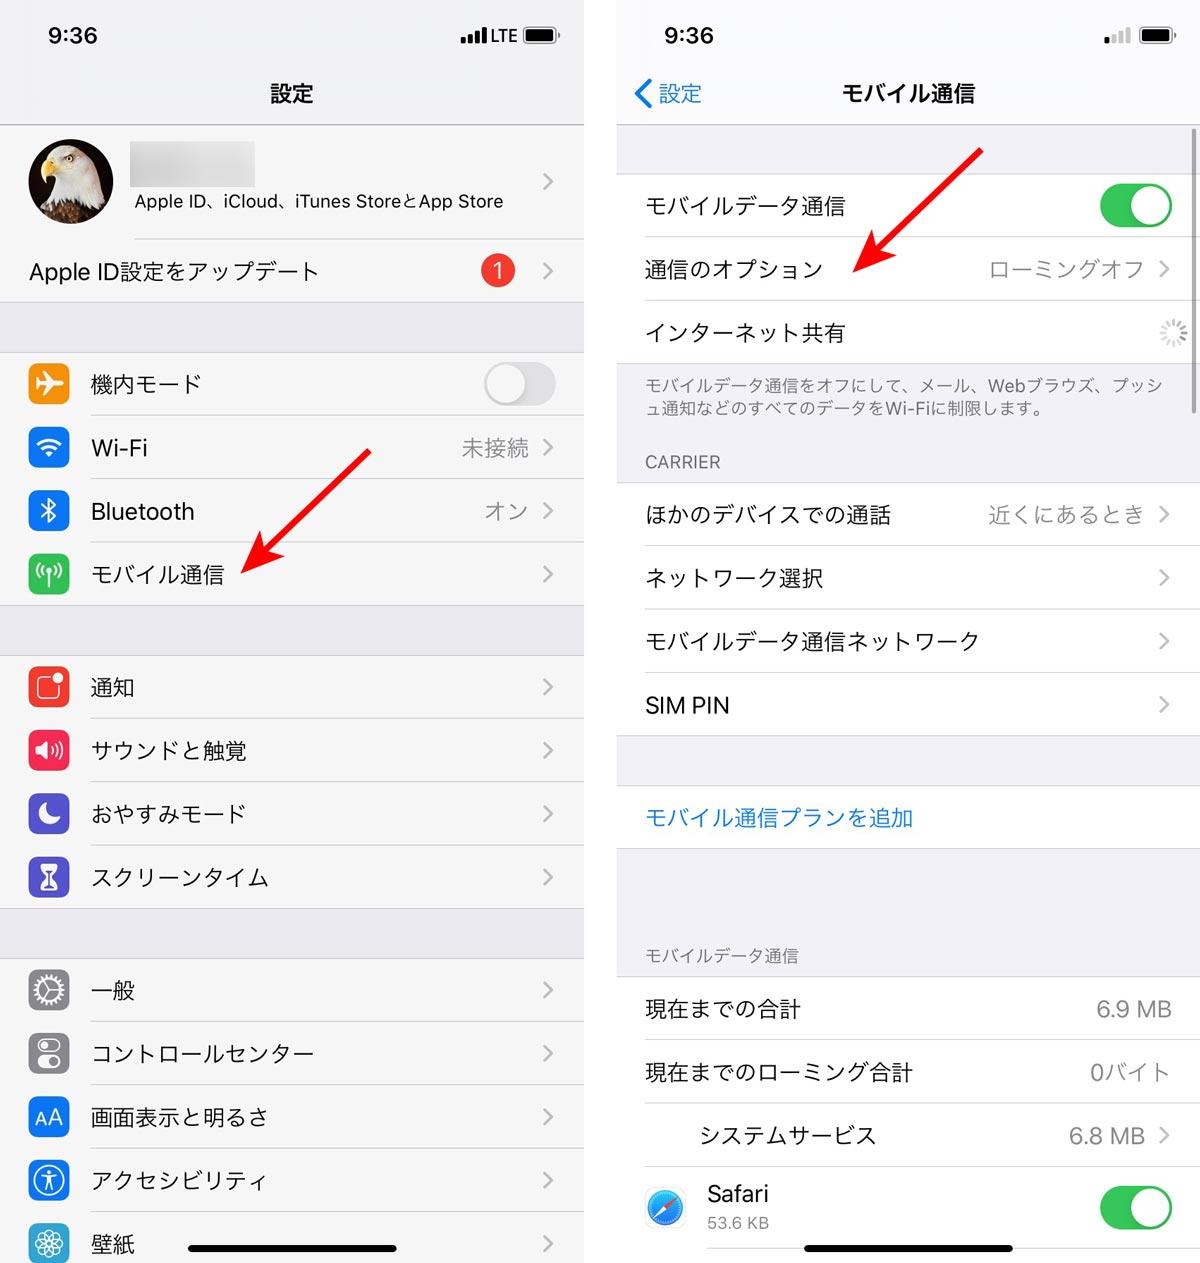 「モバイル通信」→「通信のオプション」